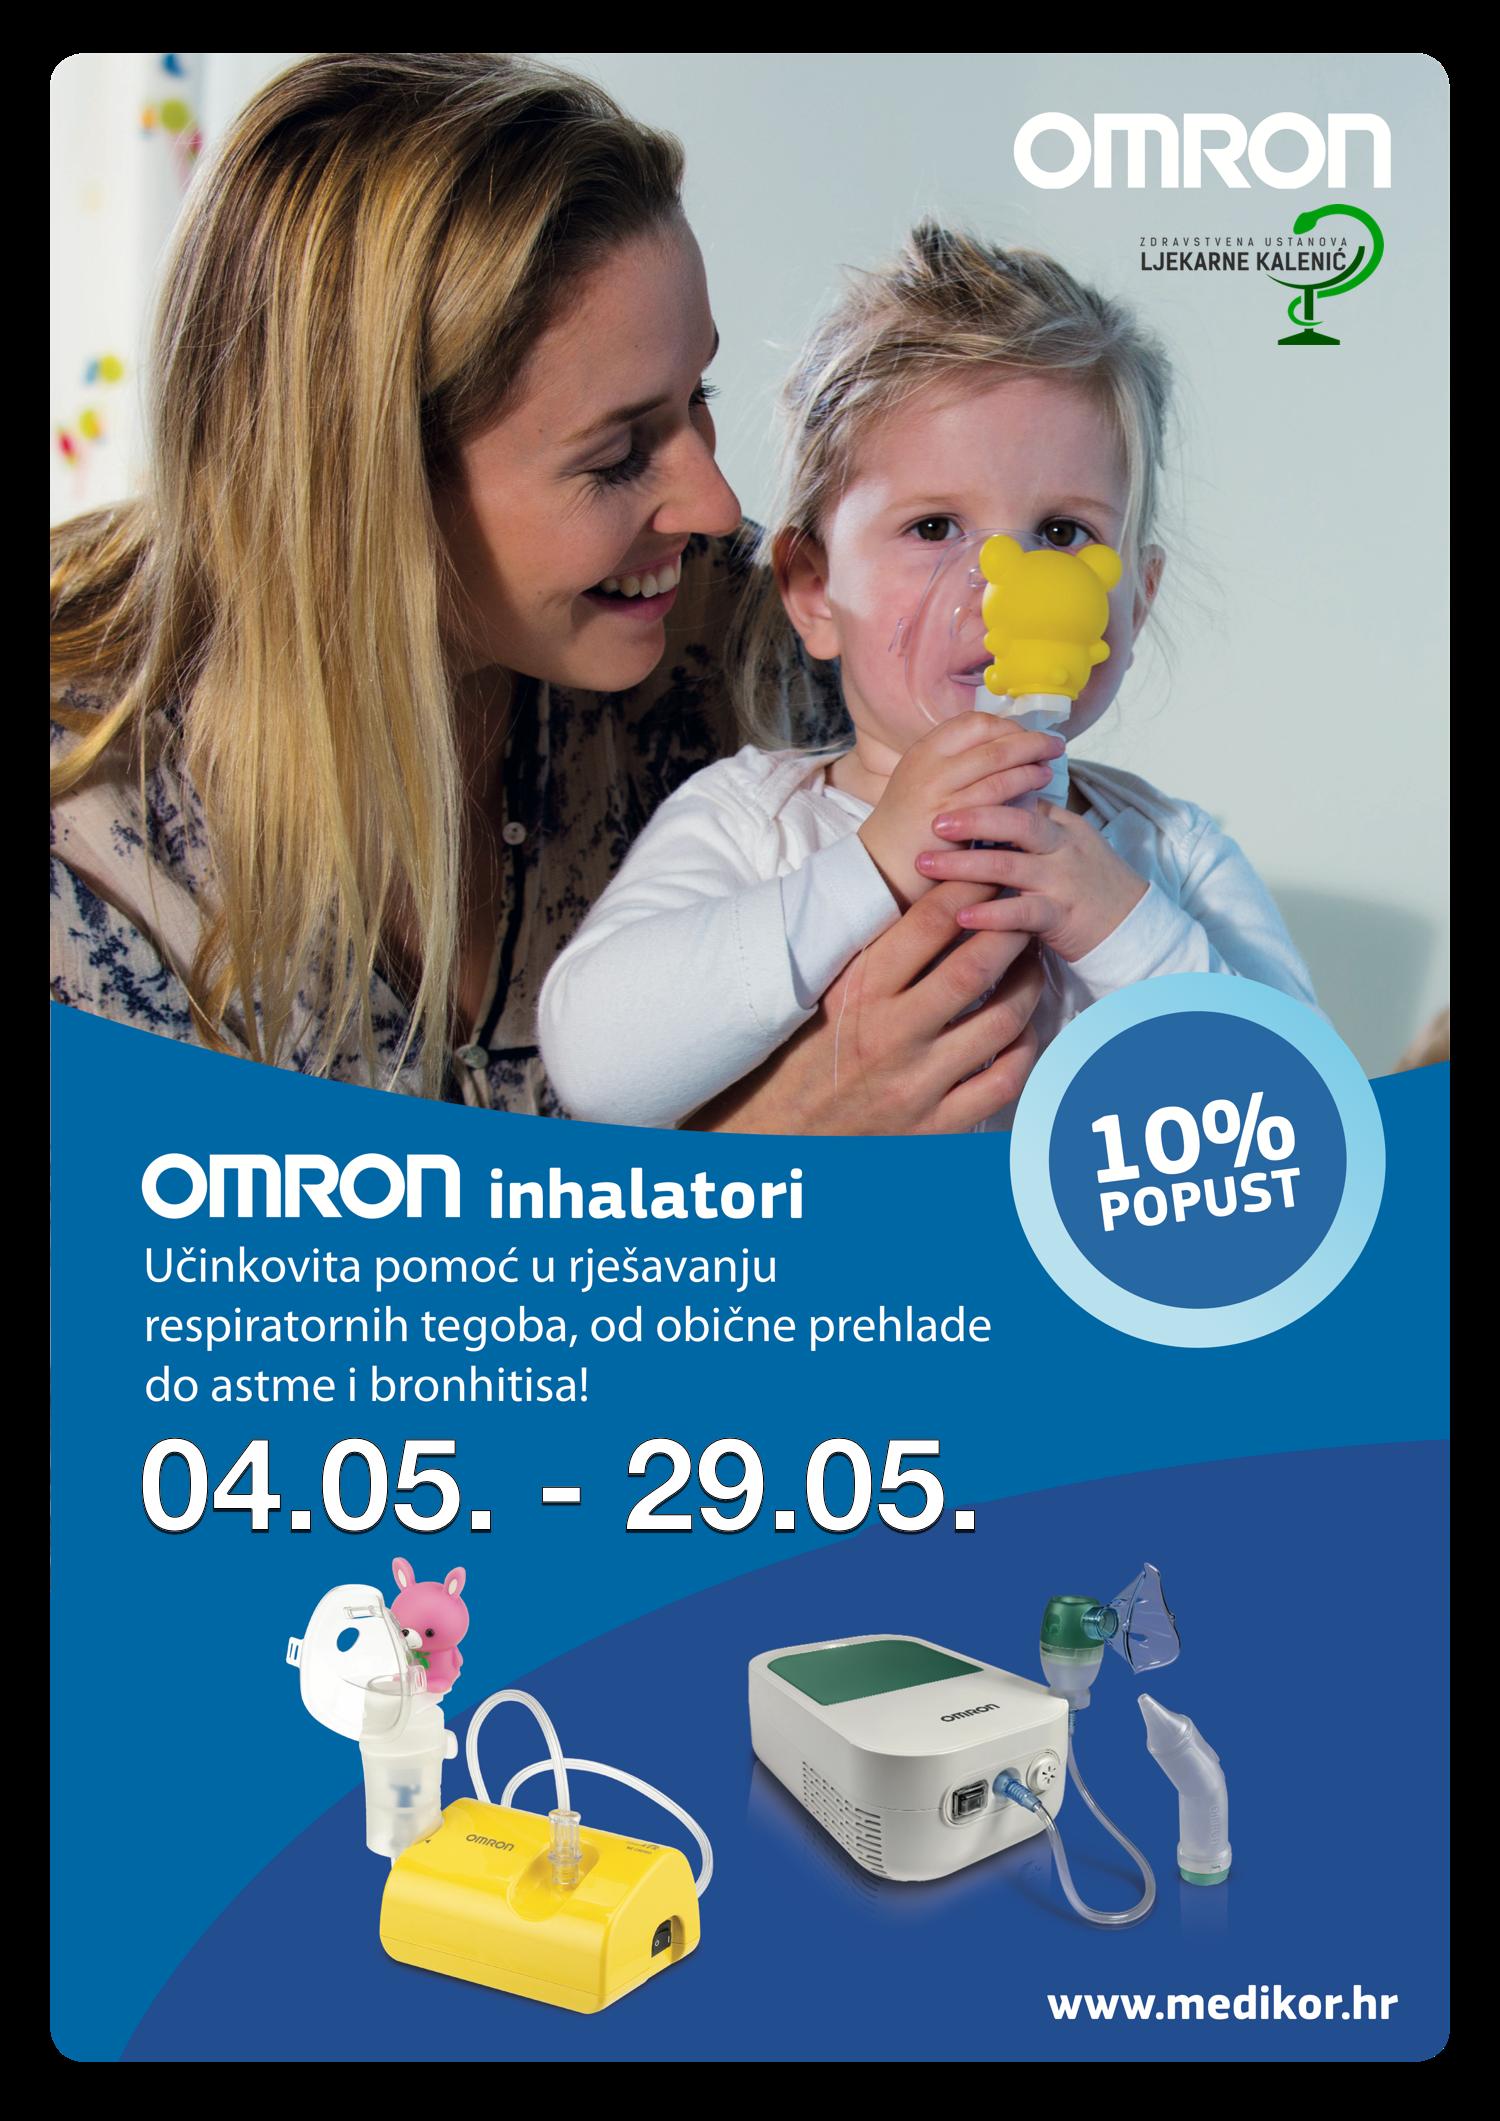 Omron inhalatori